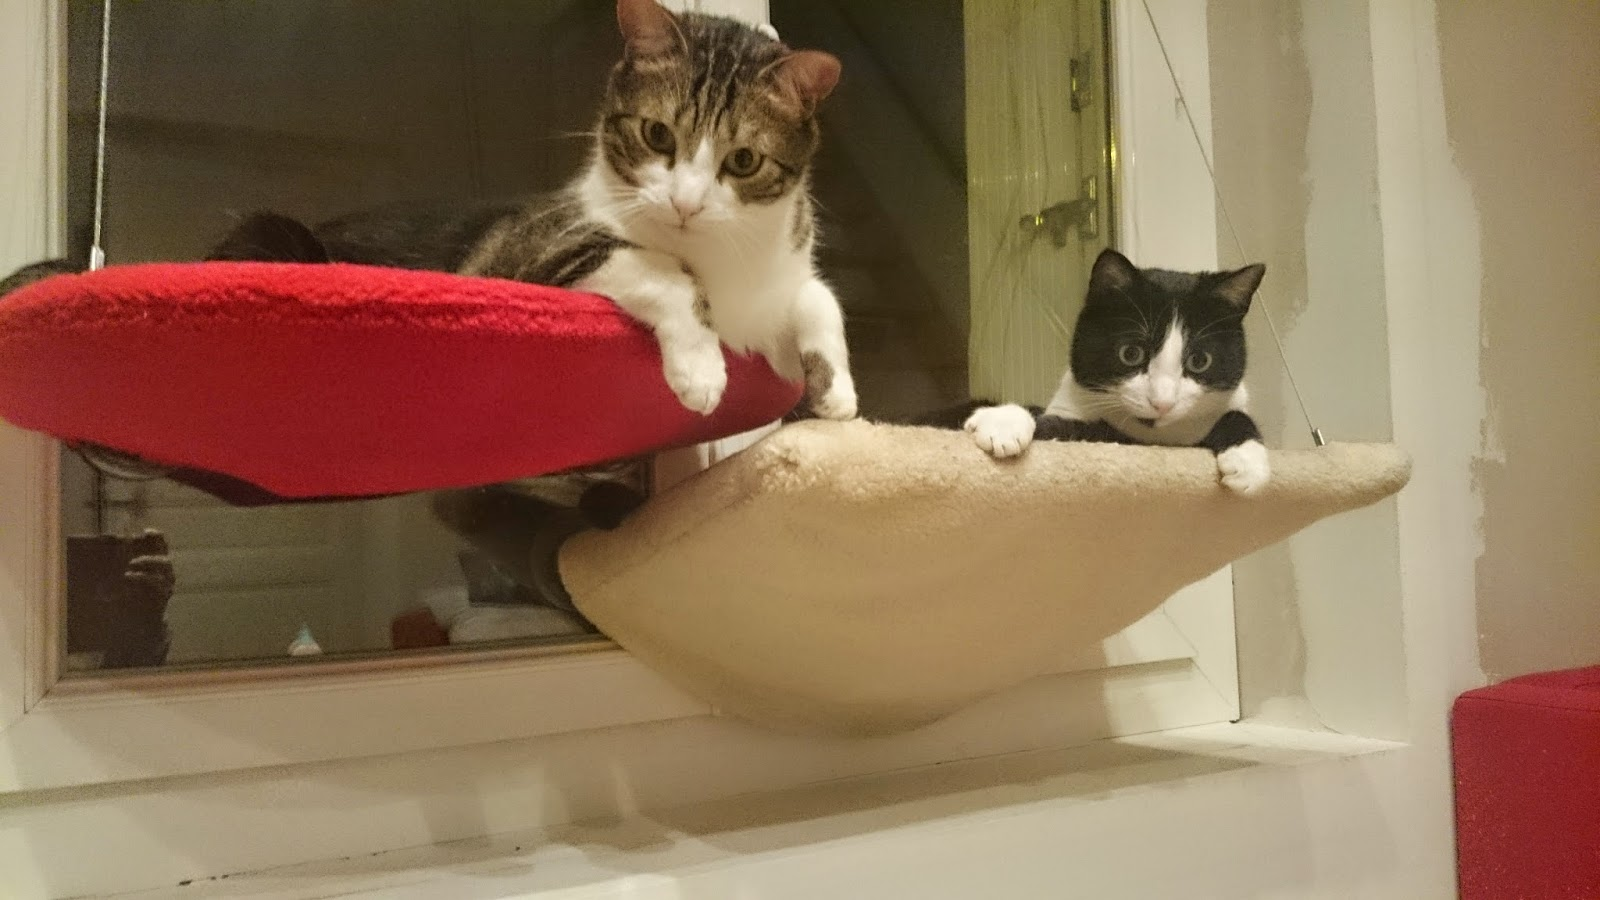 tout pour mon chat les nouveaux hamacs selmak de madeforcat. Black Bedroom Furniture Sets. Home Design Ideas